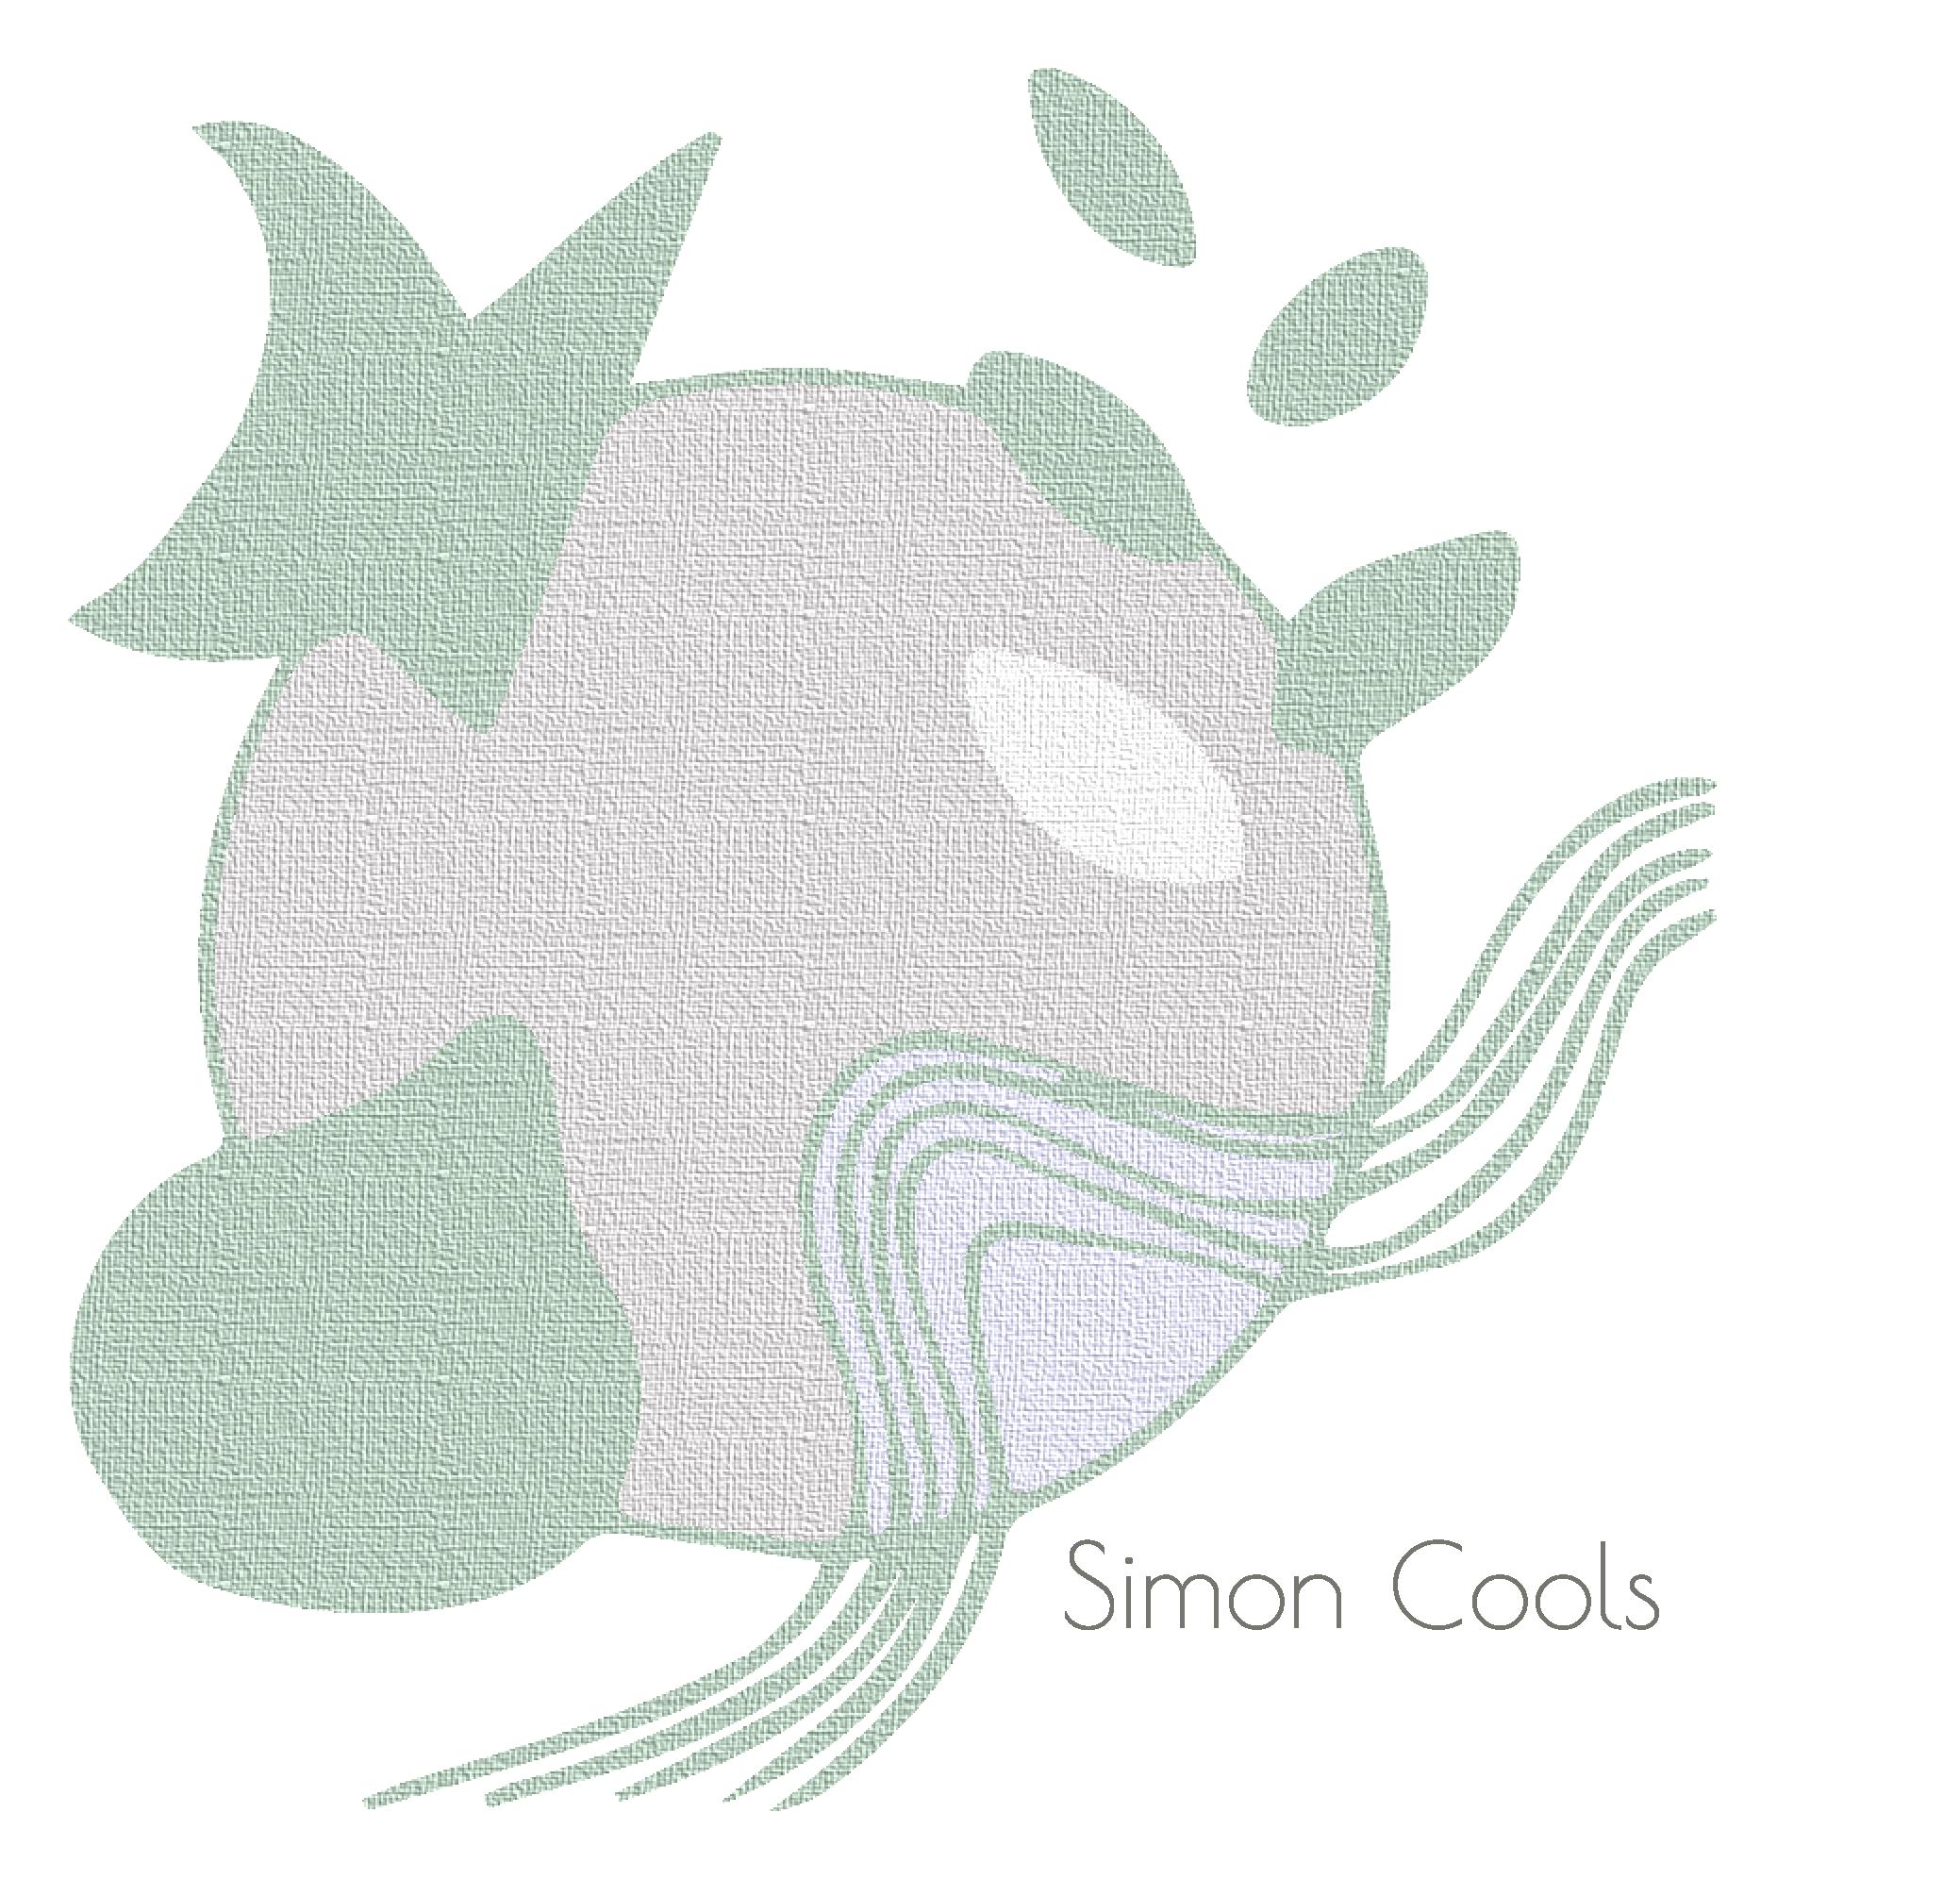 Simon Cools